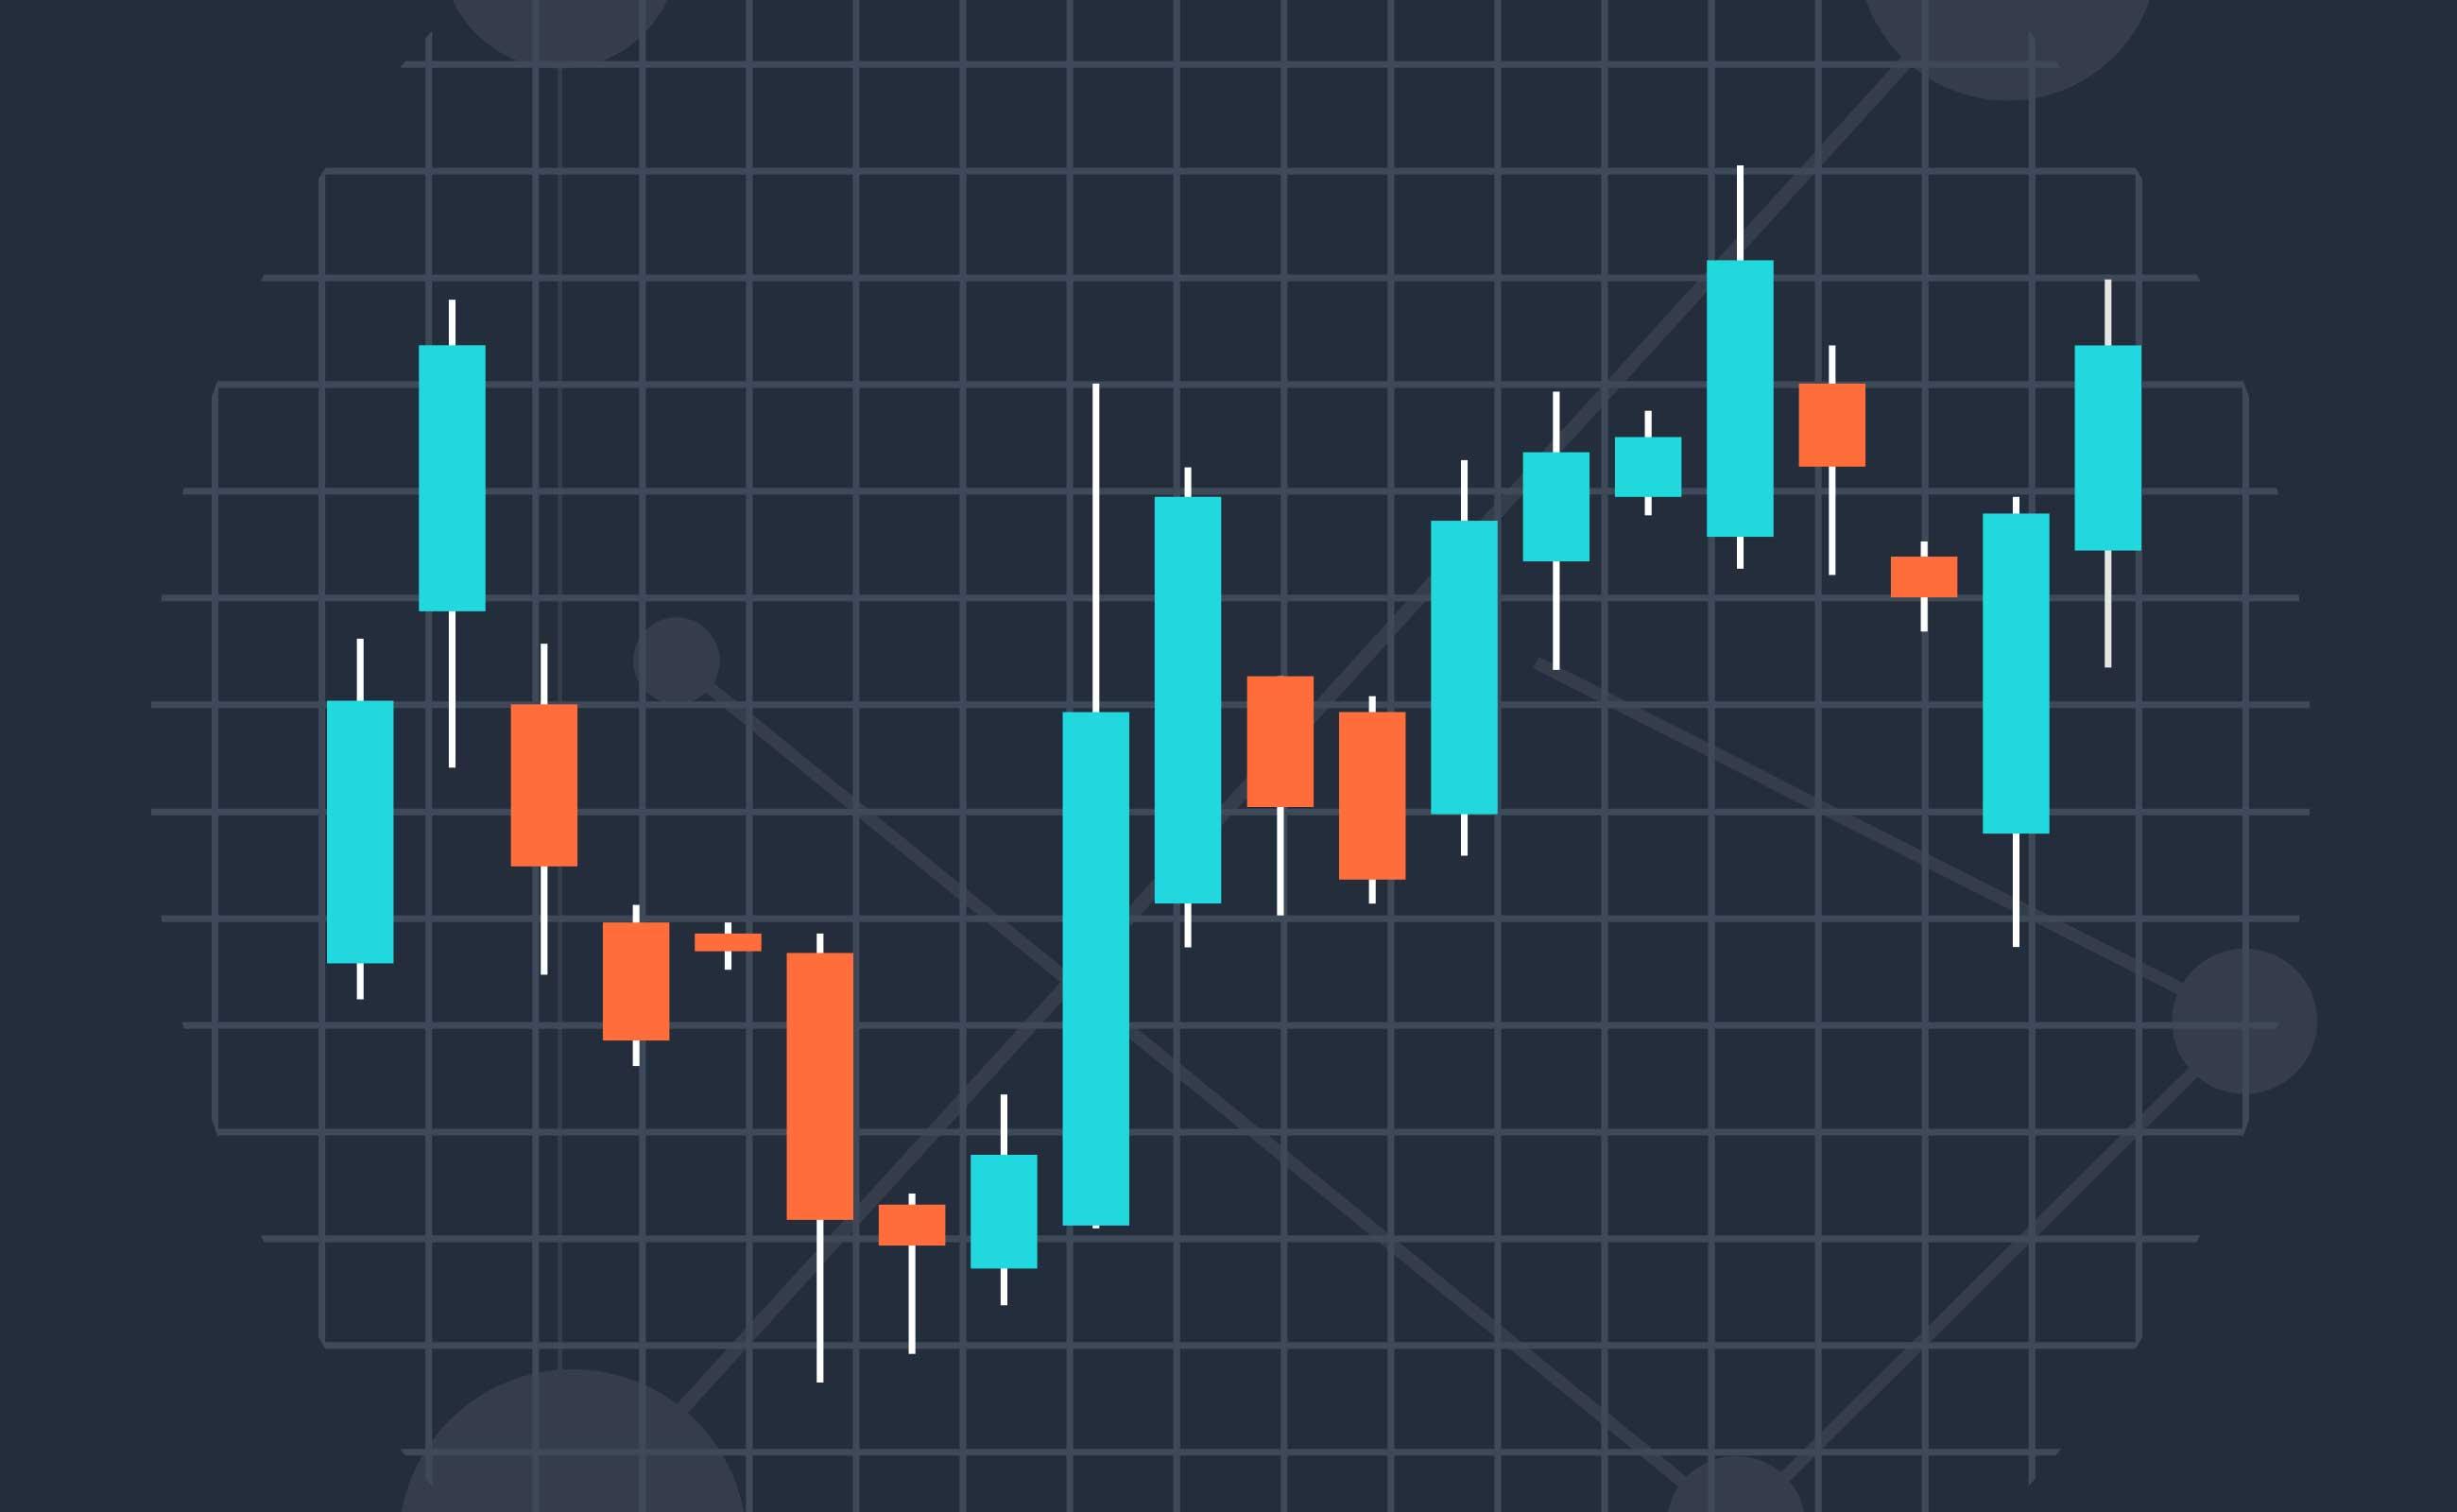 新三板收评:做市指数延续弱势震荡 日成交3902.74万元